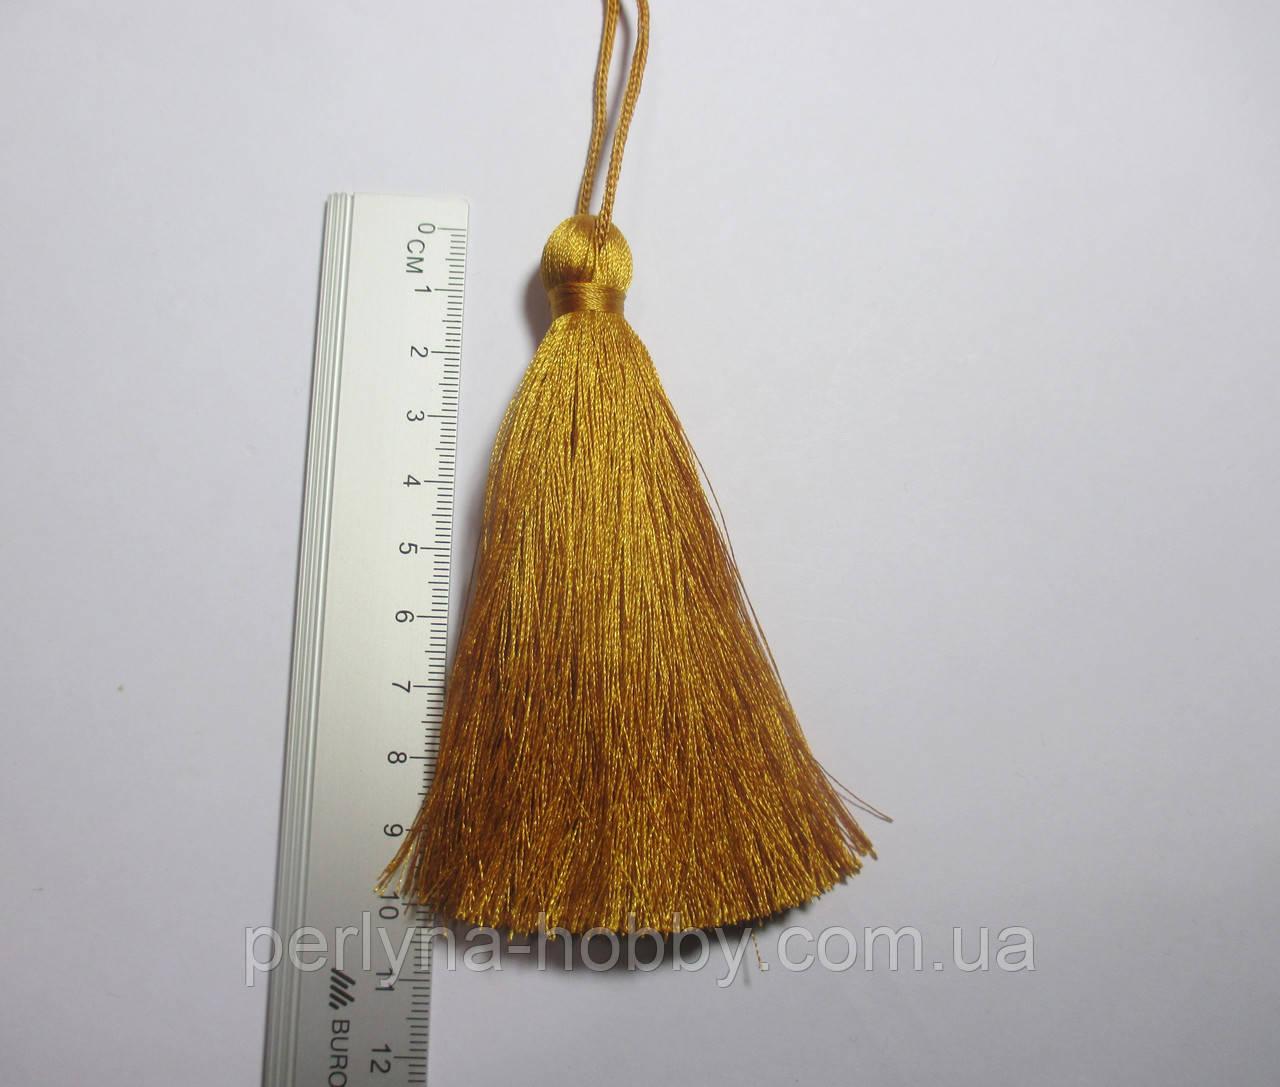 Китиця декоративна велика 10-11 см, золотистий темний 0155, 1 шт.